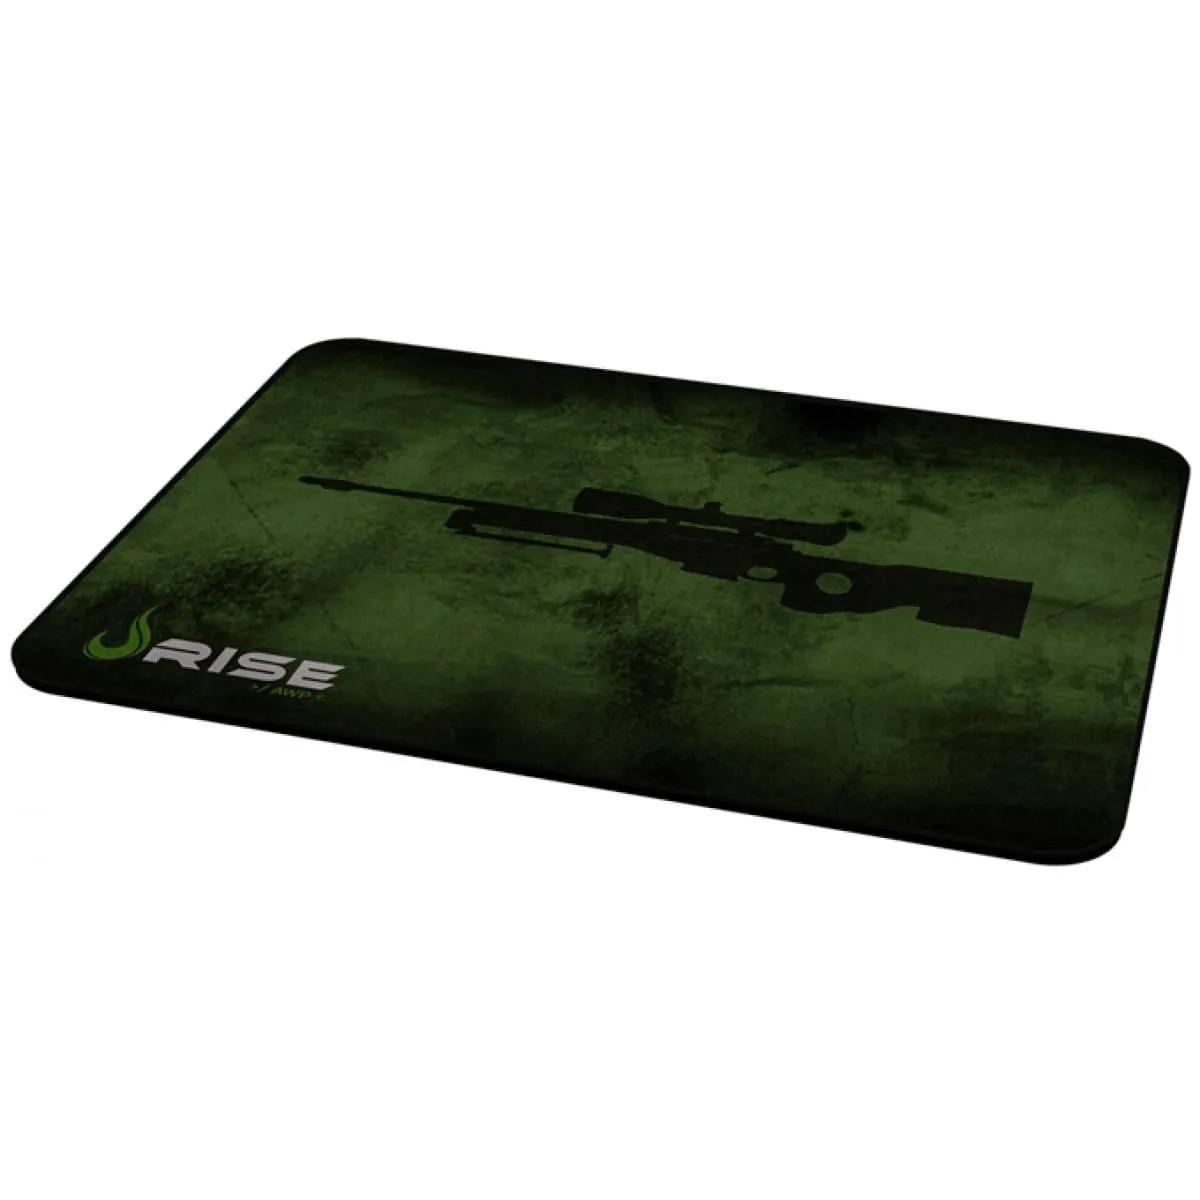 MousePad Gamer Sniper Rise Grande 42x29 cm RG-MP-05-SPG